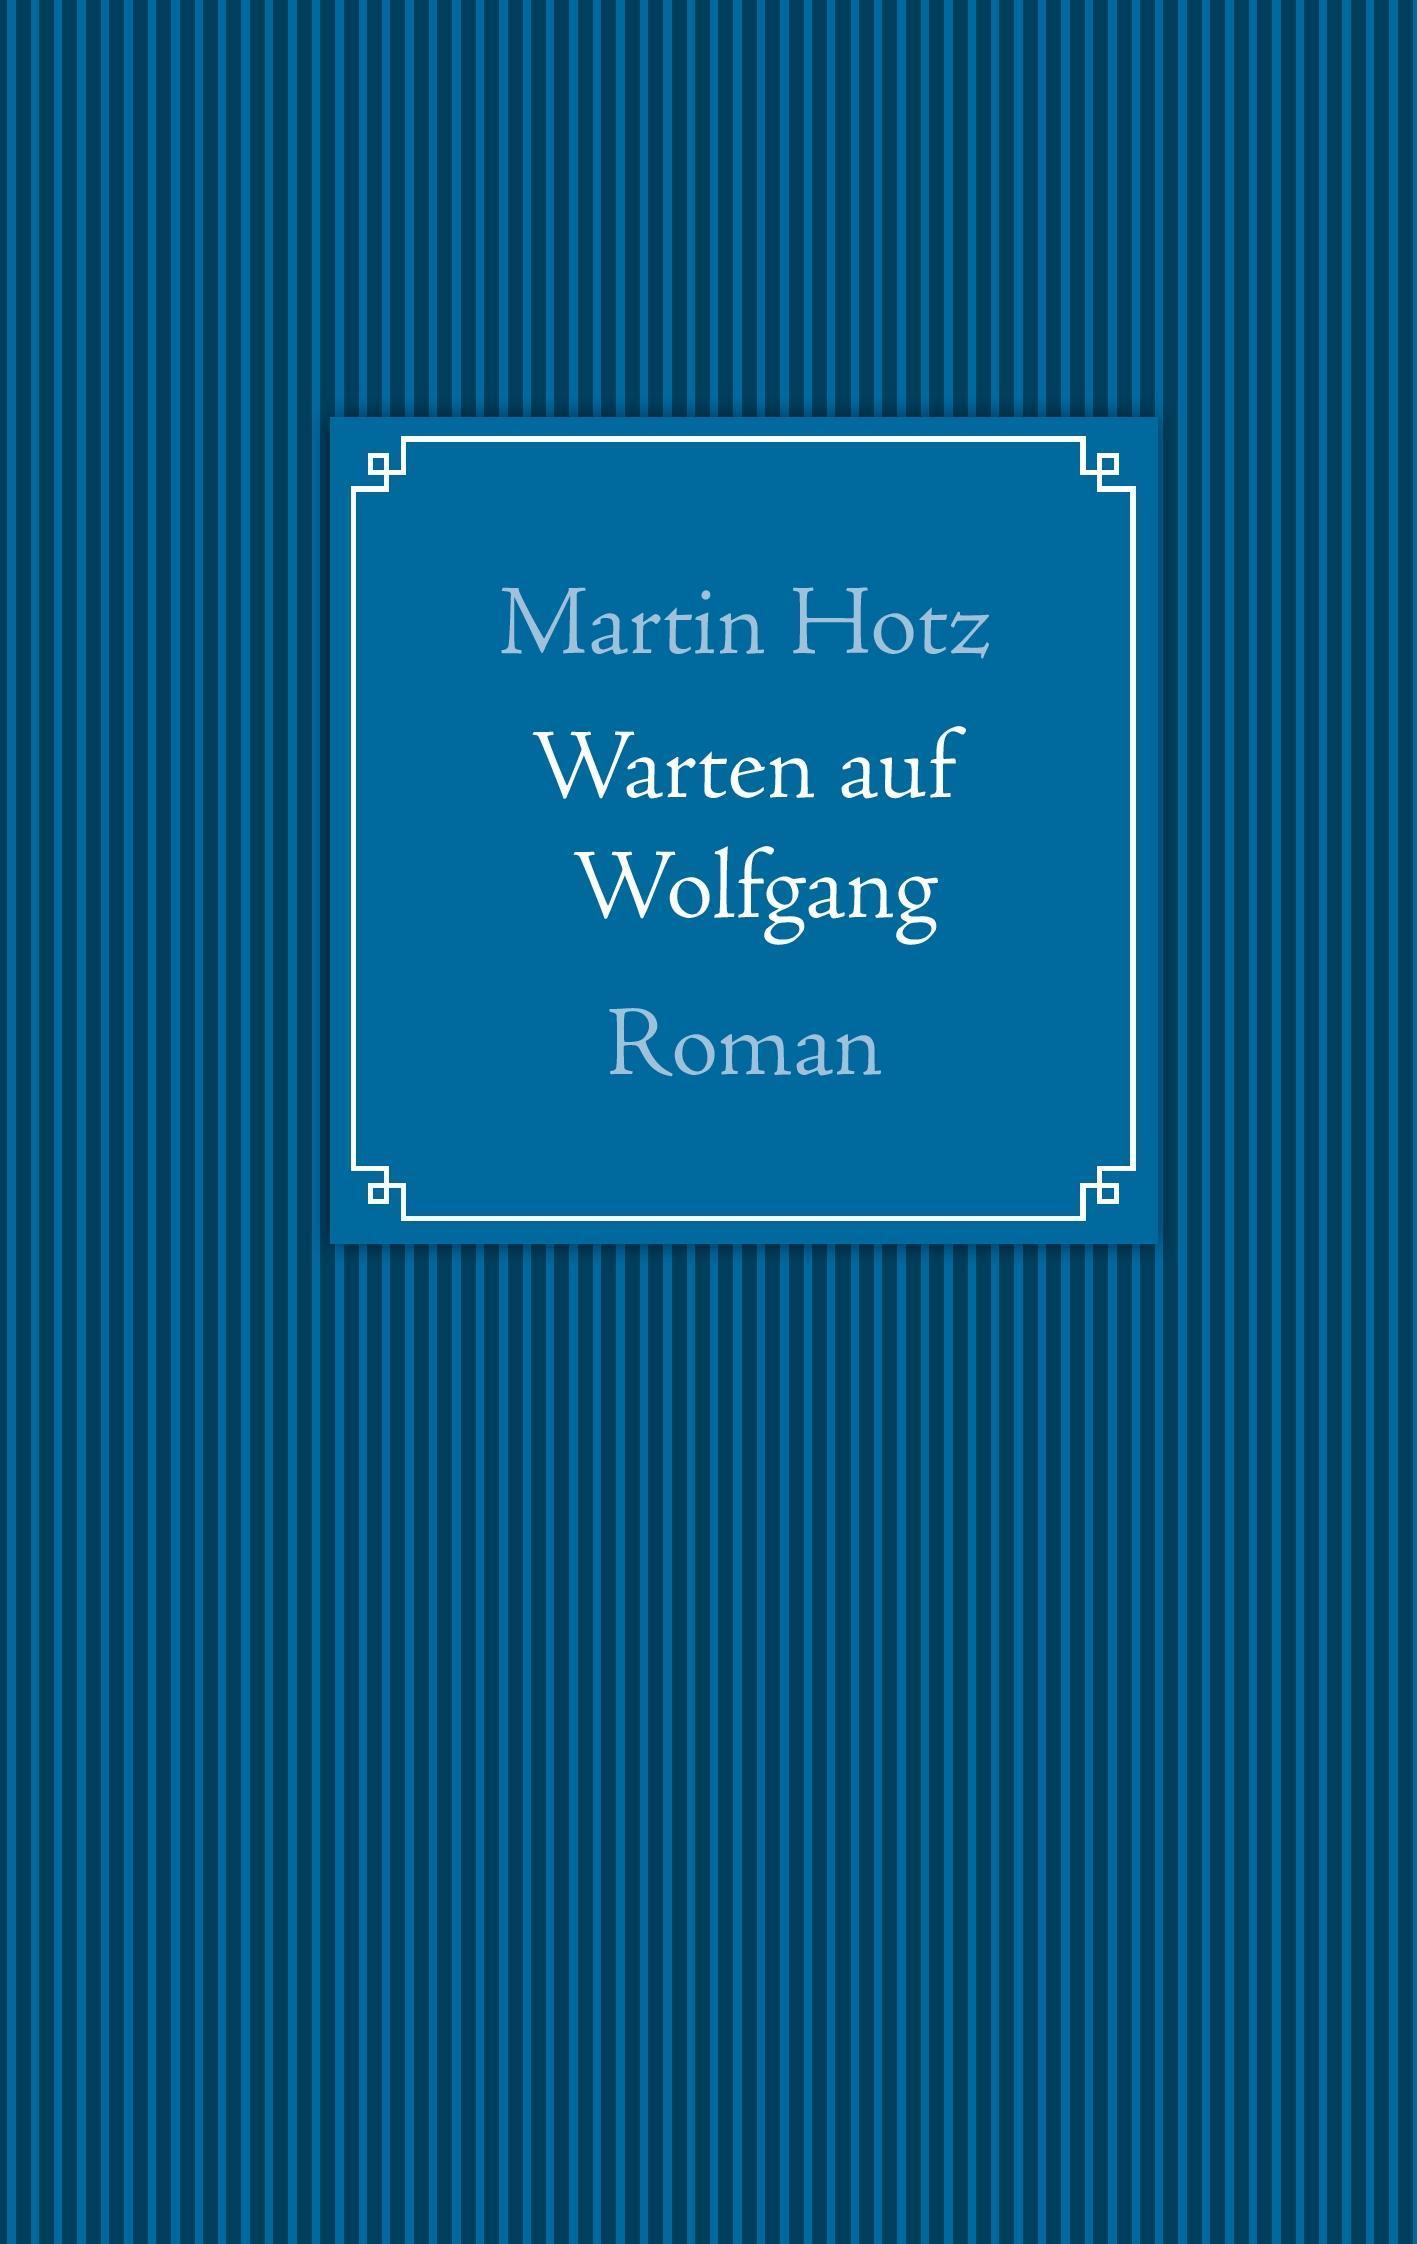 Warten auf Wolfgang